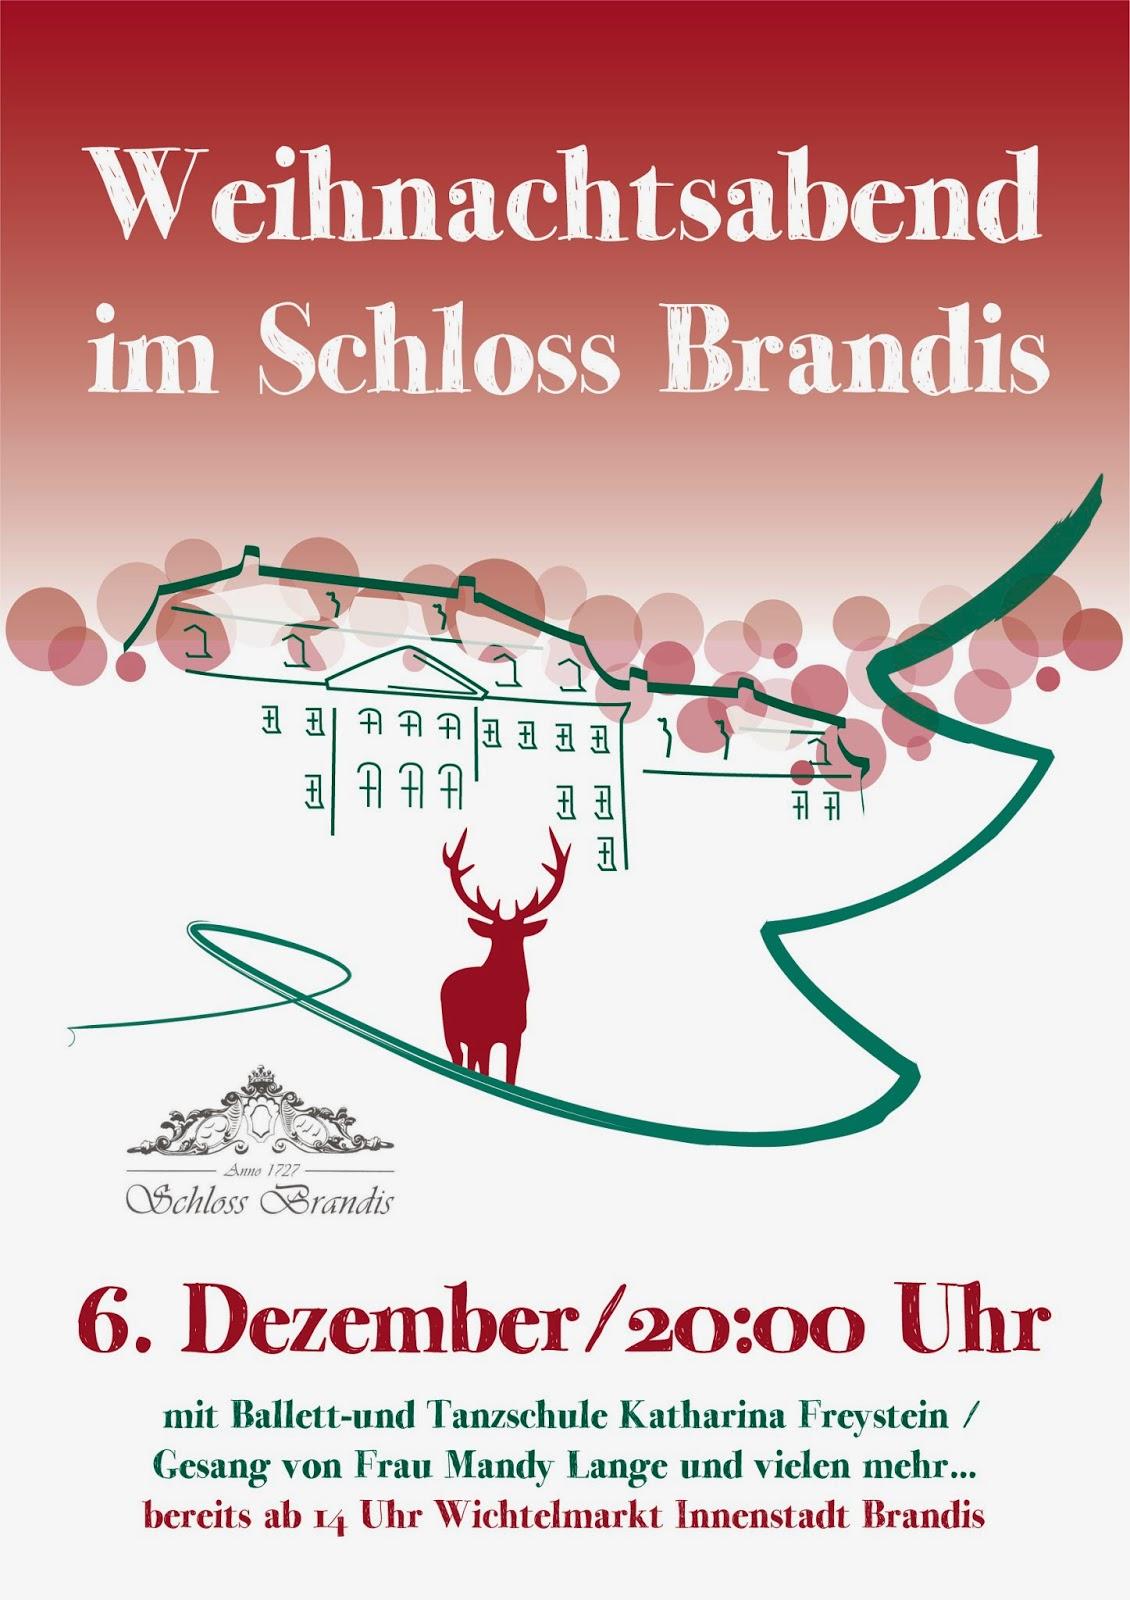 Weihnachtsabend im Schloss Brandis